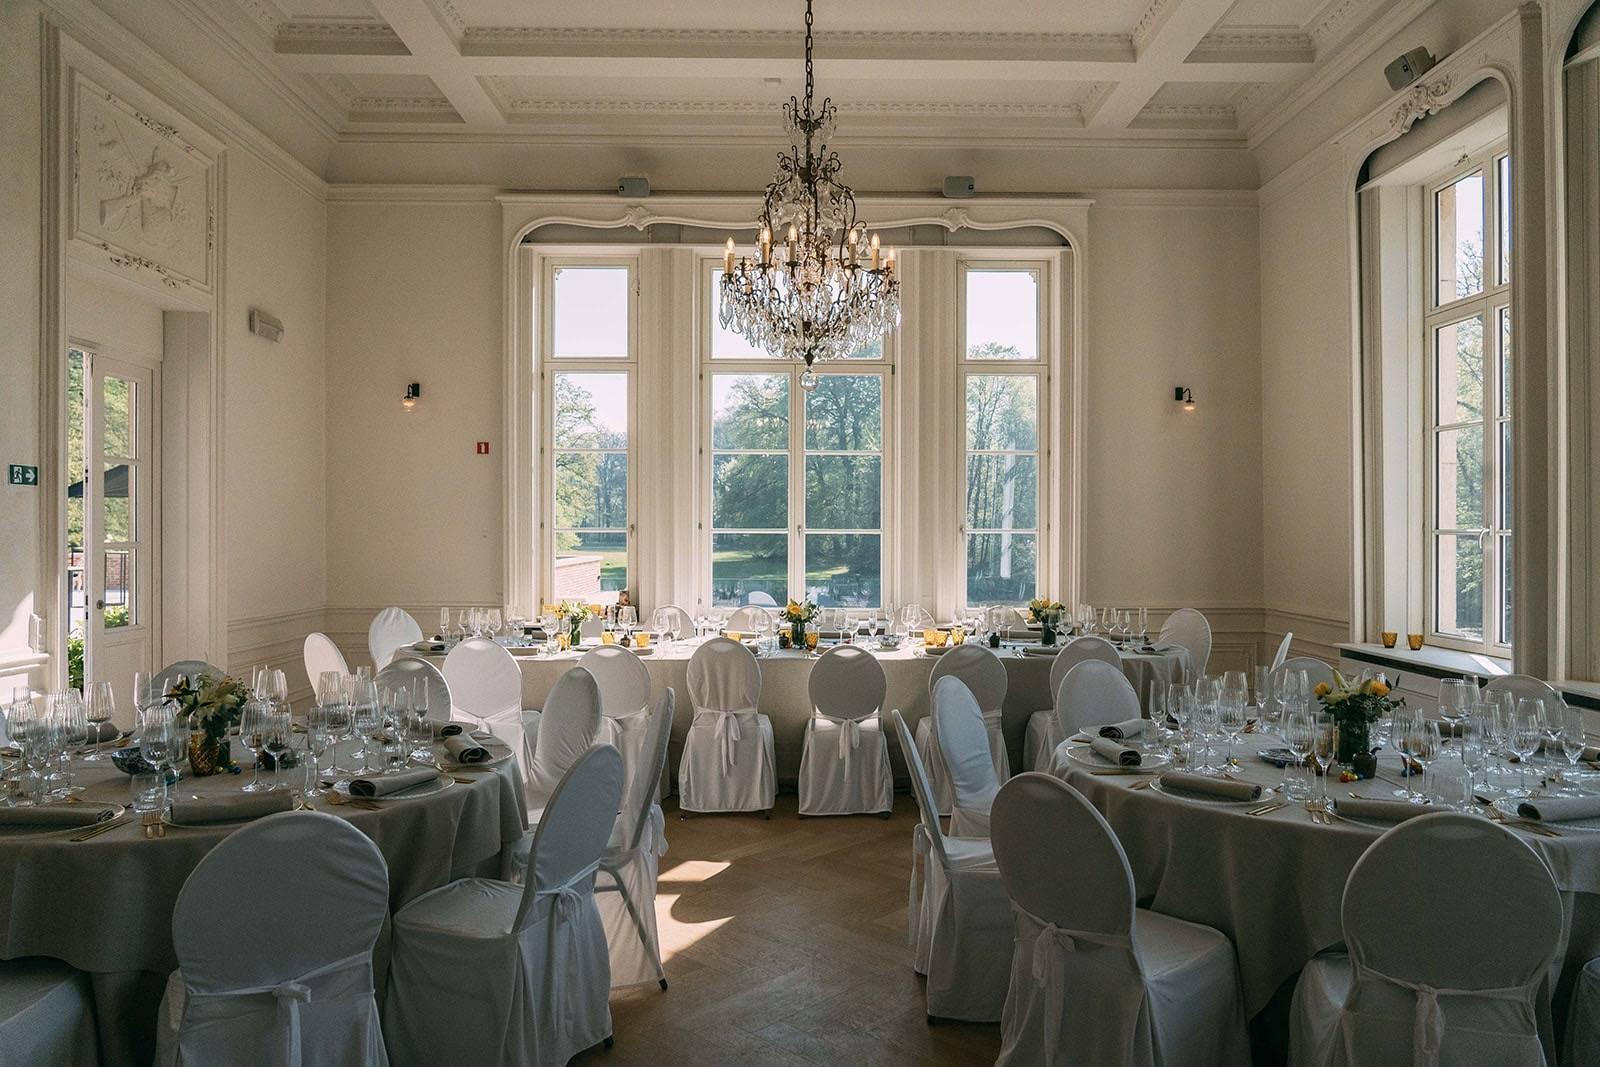 Kasteel Van Brasschaat - Eventlocatie - Feestzaal - Trouwzaal - House of Events & House of Weddings - 22